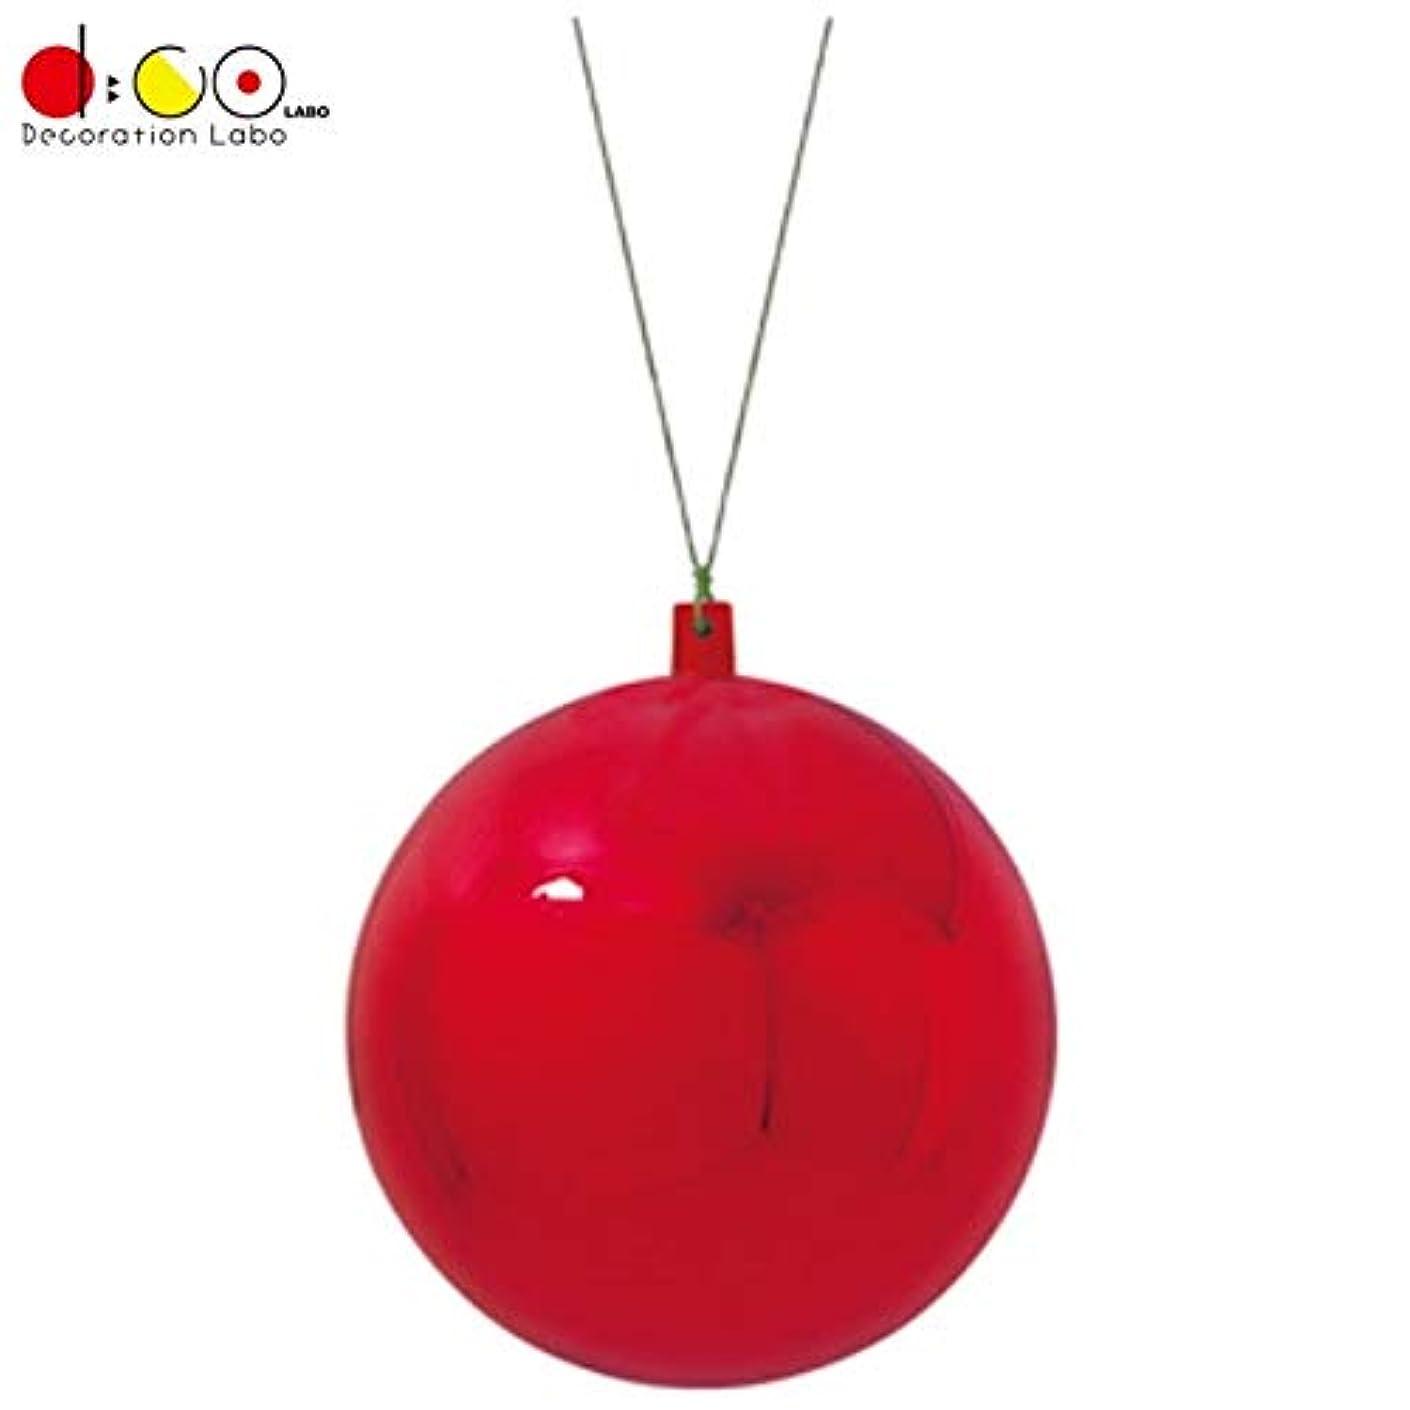 反論気をつけて浅い120mmメタリックユニボール(ワイヤー付)(2ケ/パック)(レッド)(OXM1508RD)[クリスマス デコレーション 飾り オーナメント メタリックユニボール ボール 球 メタリックボール 玉 120mm 12cm]